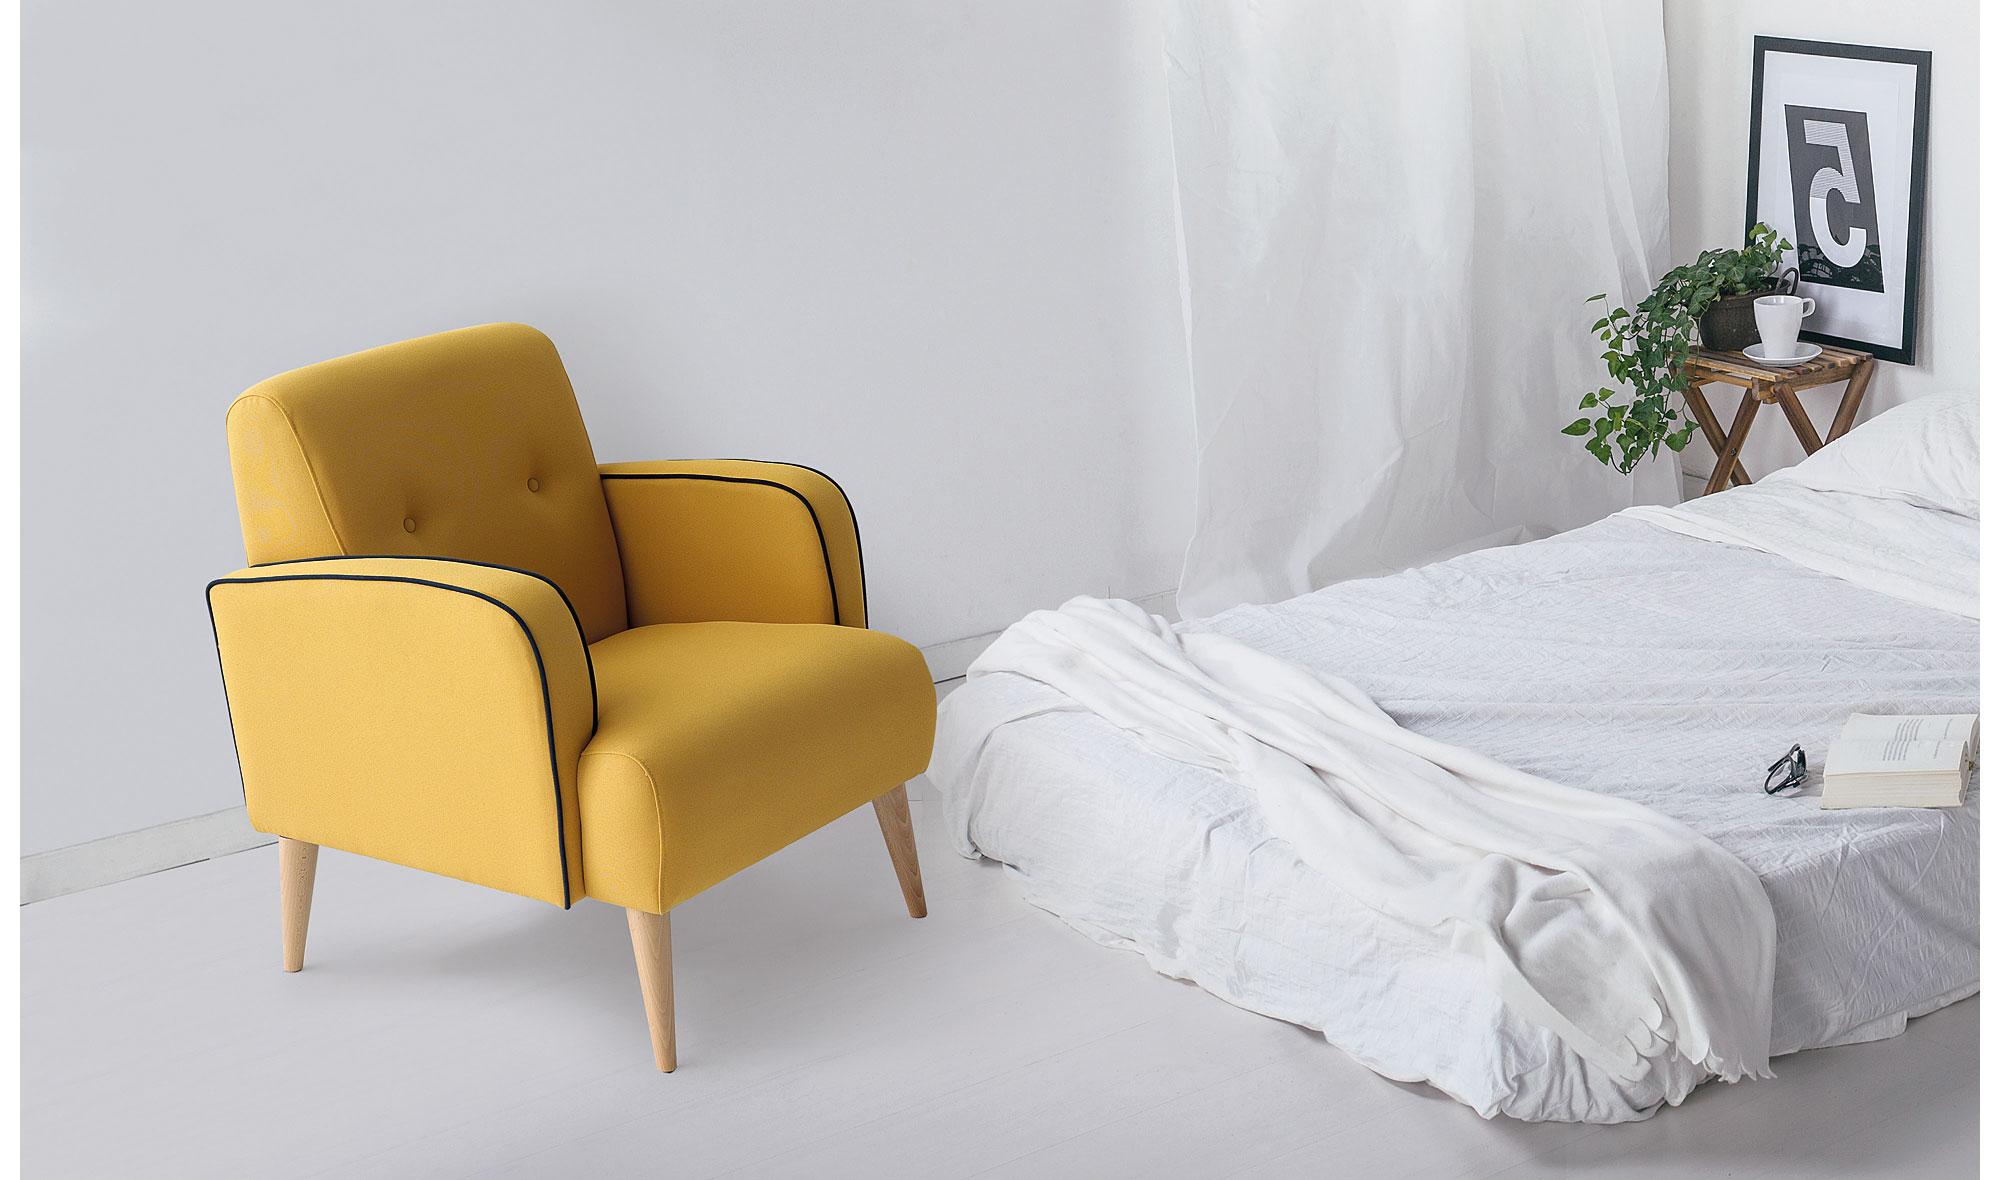 Muebles Butacas - Butaca Moderna Nani En Portobellostreet Es[mjhdah]https://www.ambar-muebles.com/media/catalog/product/cache/1/image/9df78eab33525d08d6e5fb8d27136e95/b/u/butaca-infantil-capitone-nilama-ambar-muebles.jpg